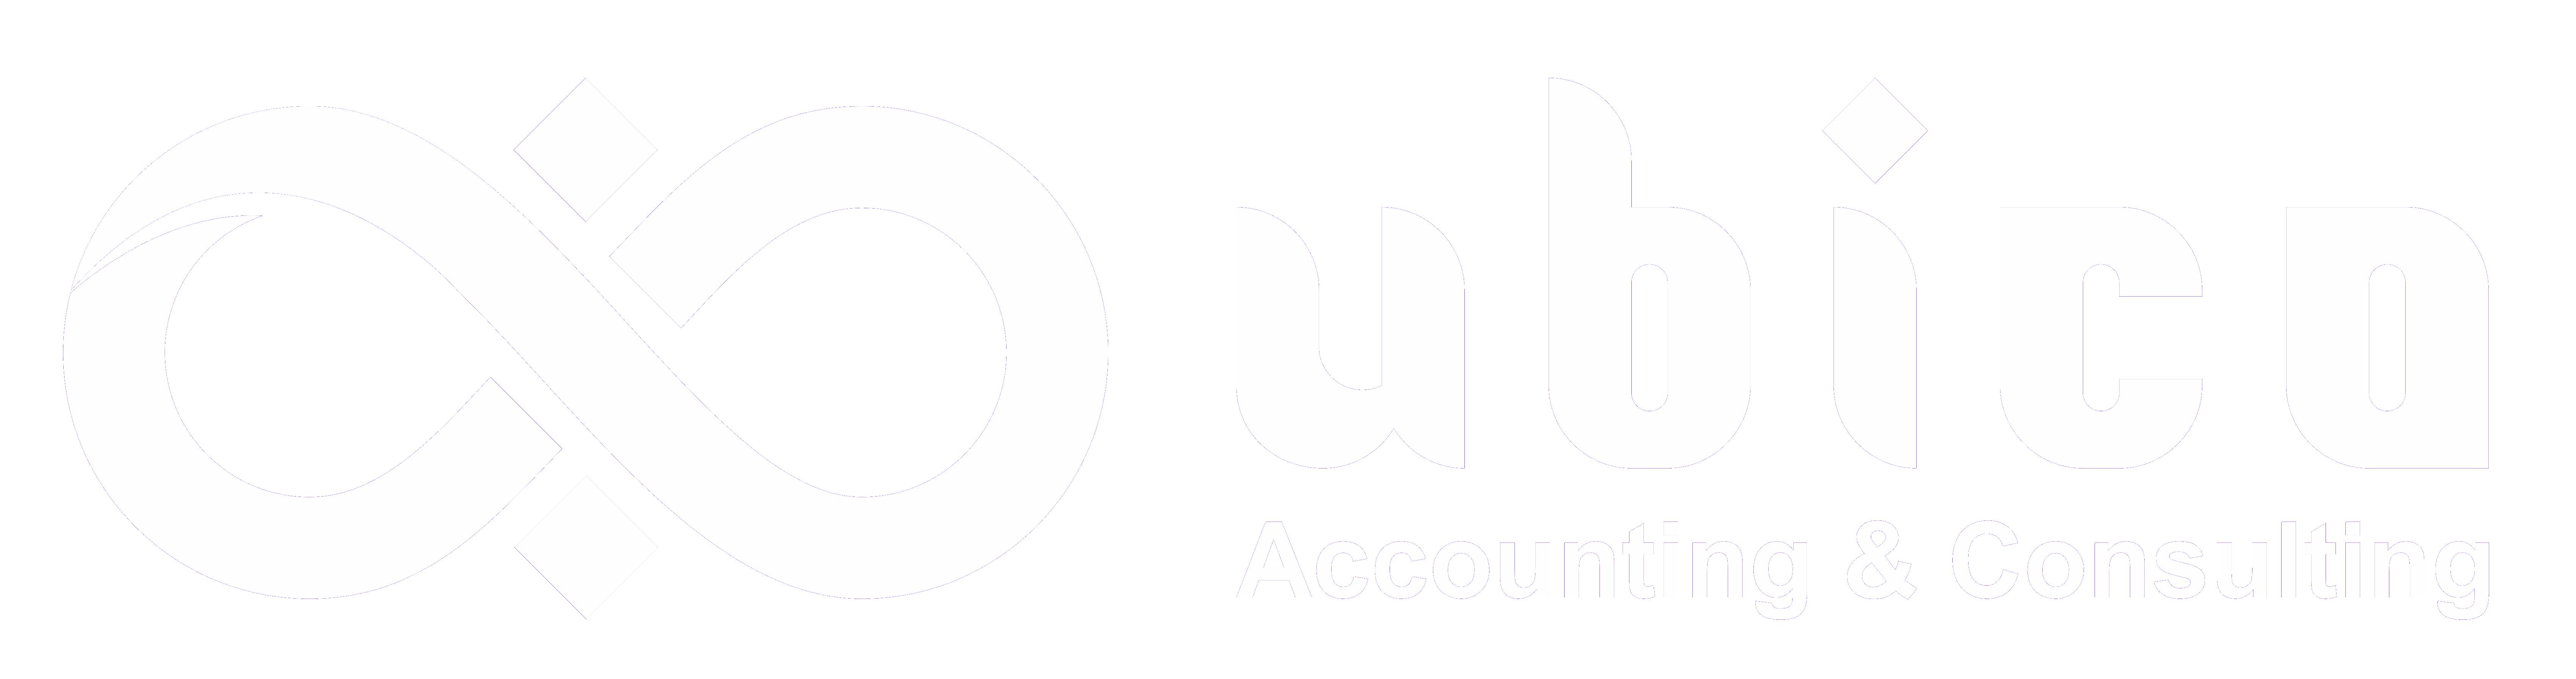 UBICO – Kantor Konsultan dan Jasa Akuntansi, Pajak, Pembukuan, Laporan Keuangan